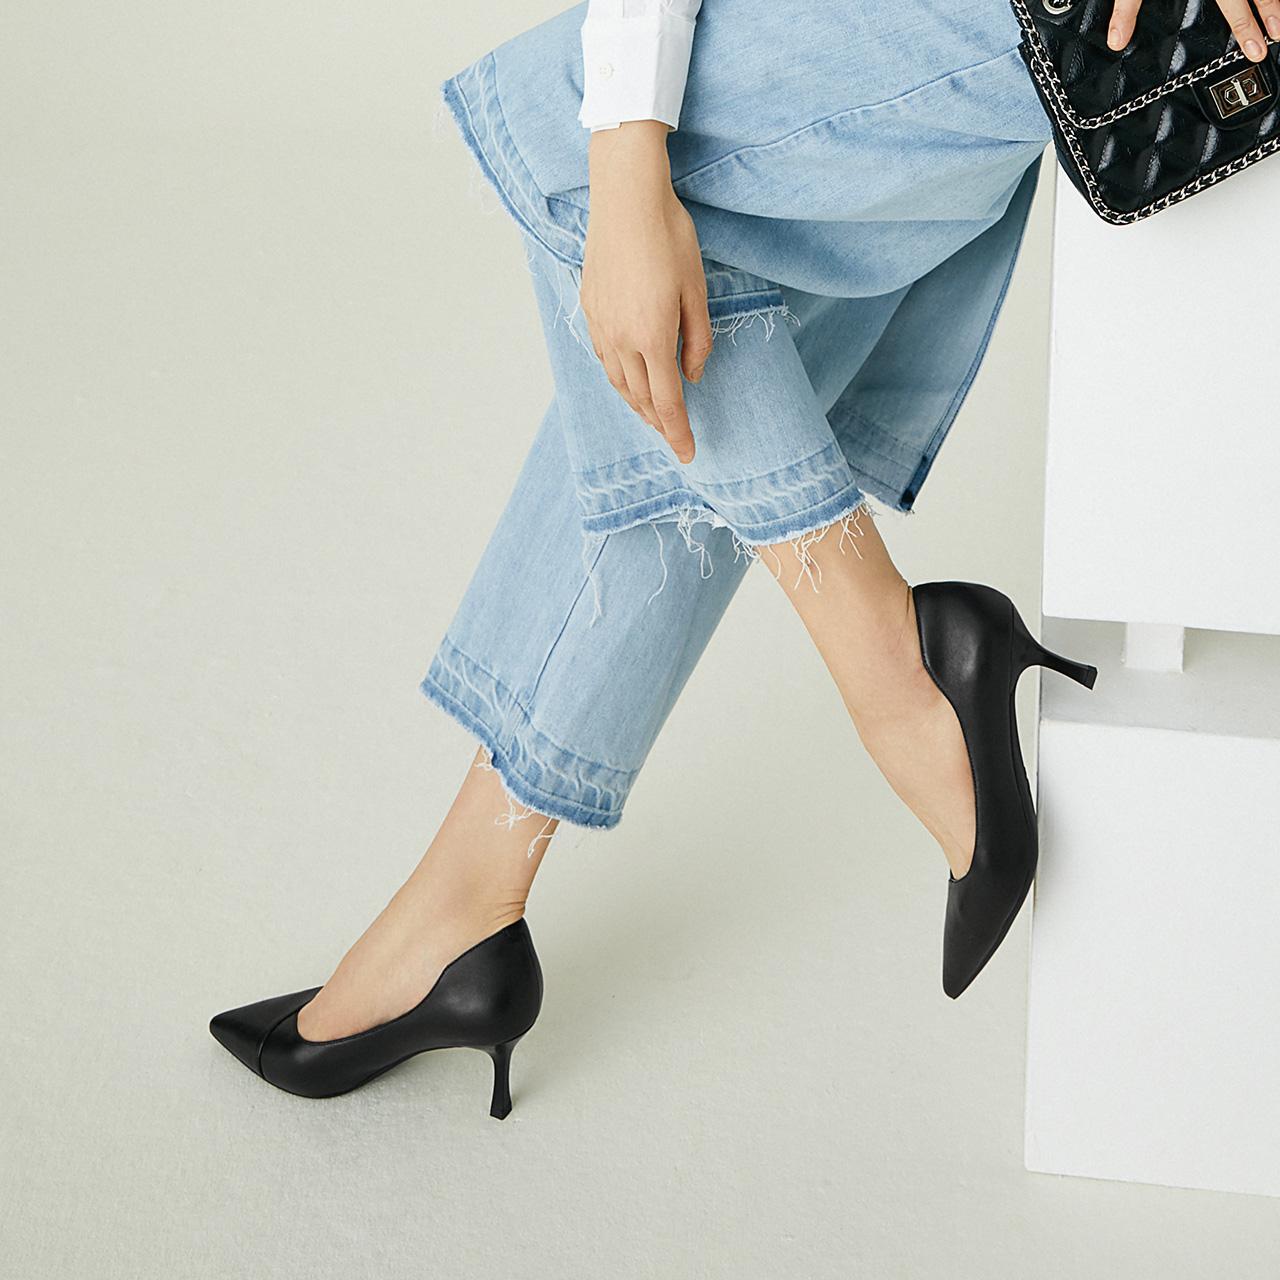 V5L1DCQ0 秋新商场同款羊皮尖头细跟单鞋 2020 百丽通勤高跟鞋女